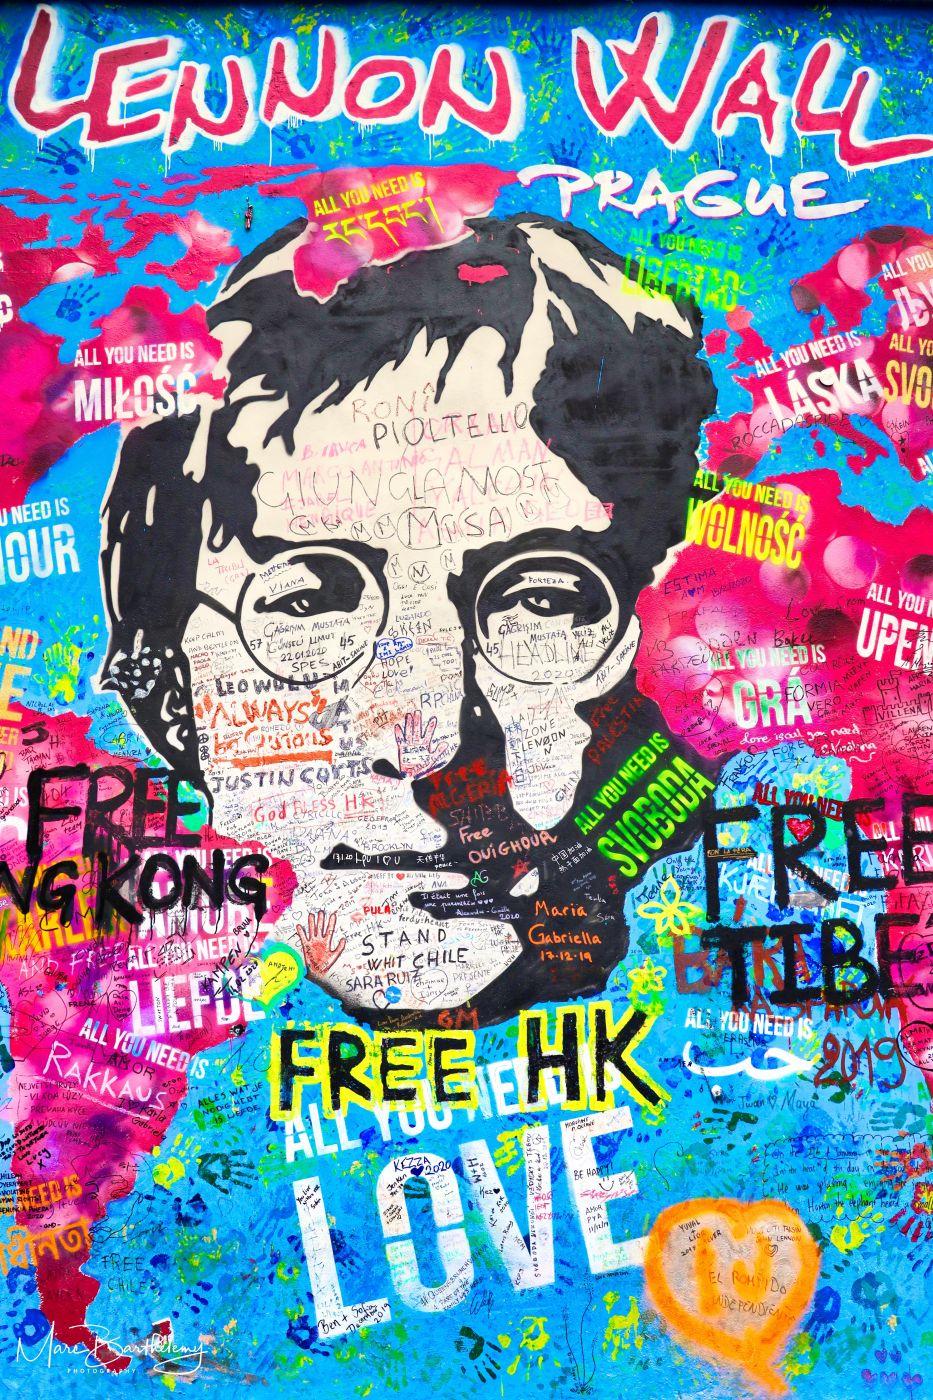 John Lennon Wall, Czech Republic